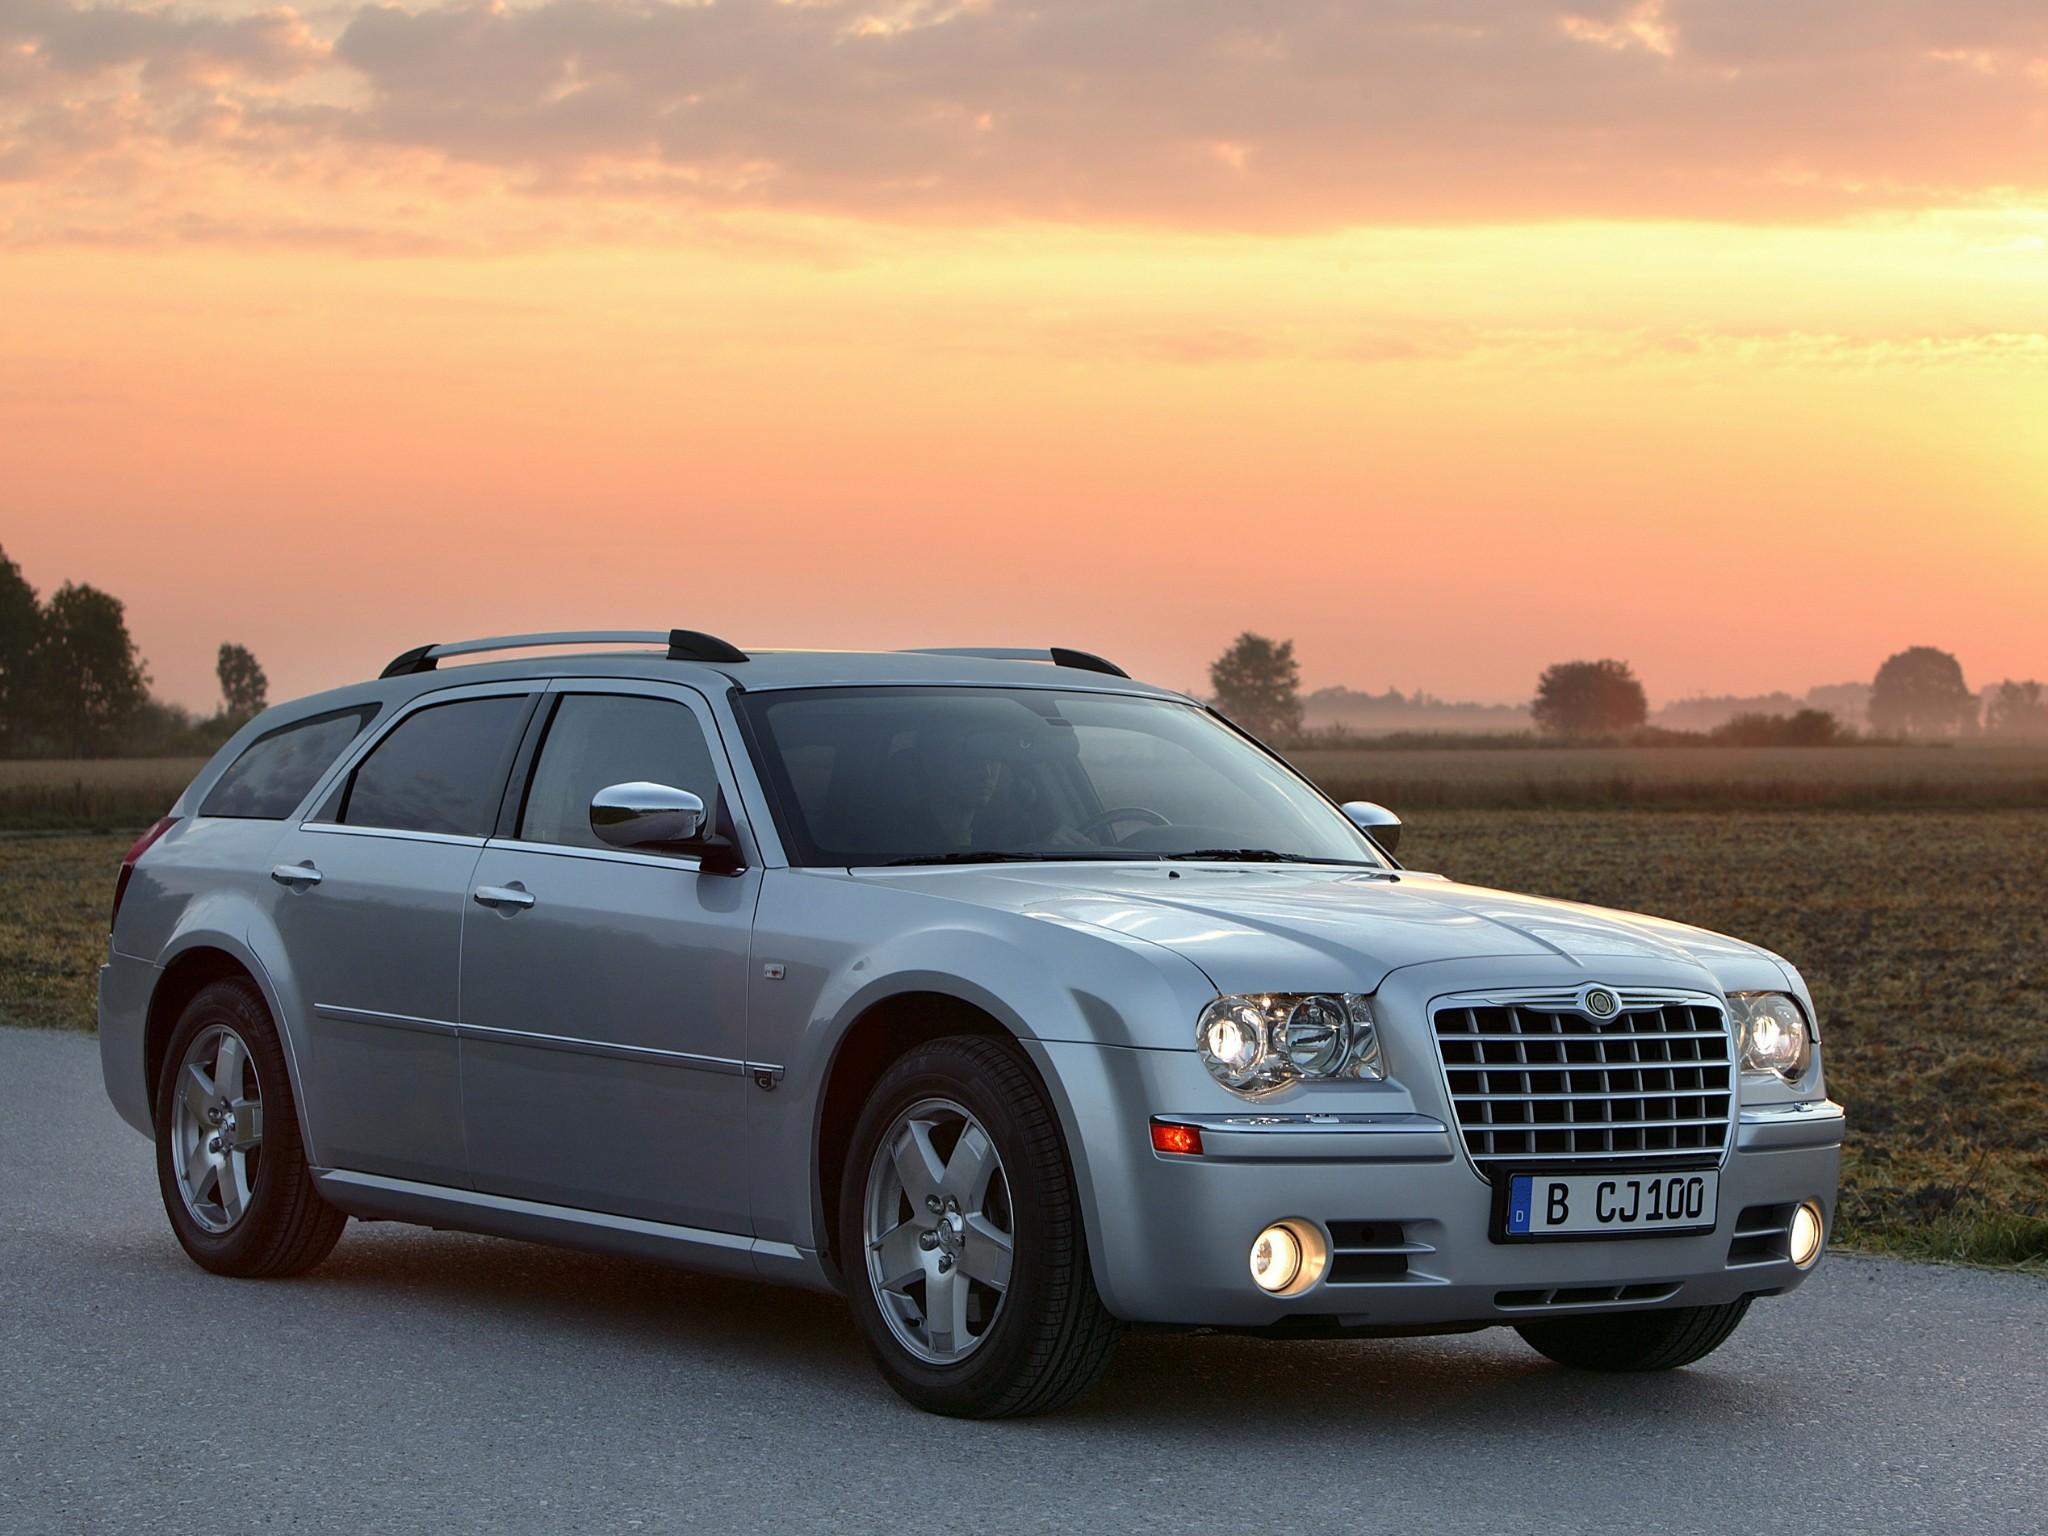 2006 Chrysler 300 Touring >> CHRYSLER 300C Touring - 2004, 2005, 2006, 2007, 2008, 2009 ...